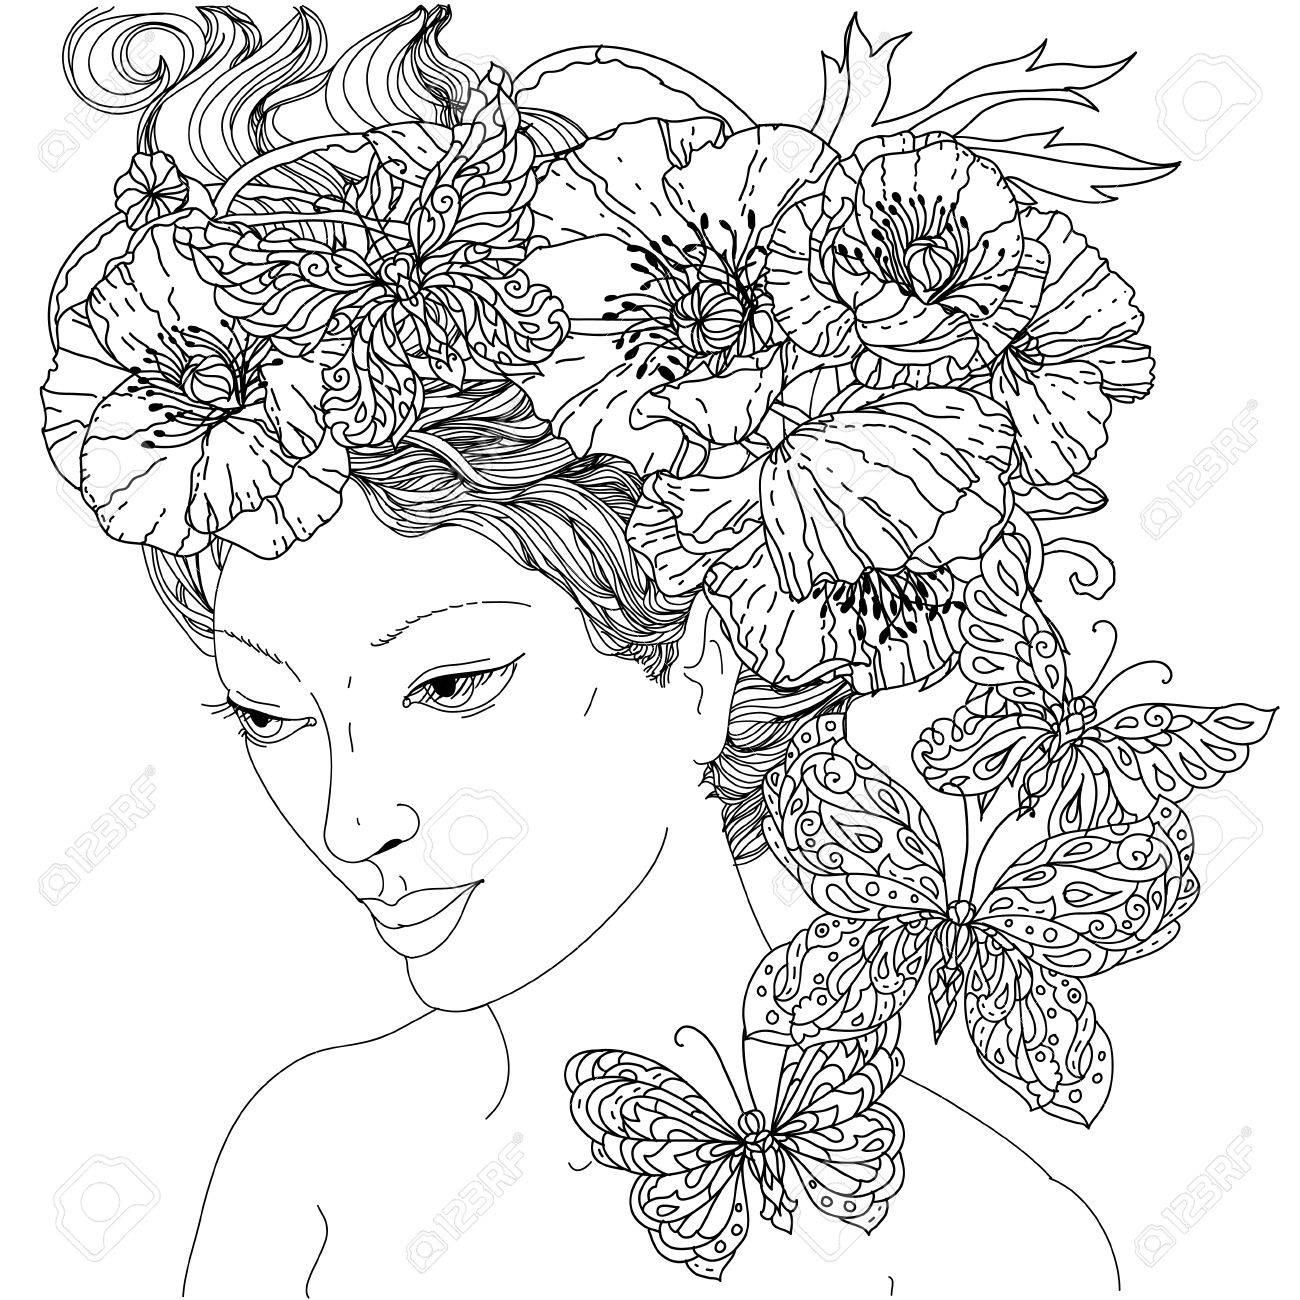 Mujer Sin Colorear Y Mariposa Para Colorear De Adultos En El Famoso ...